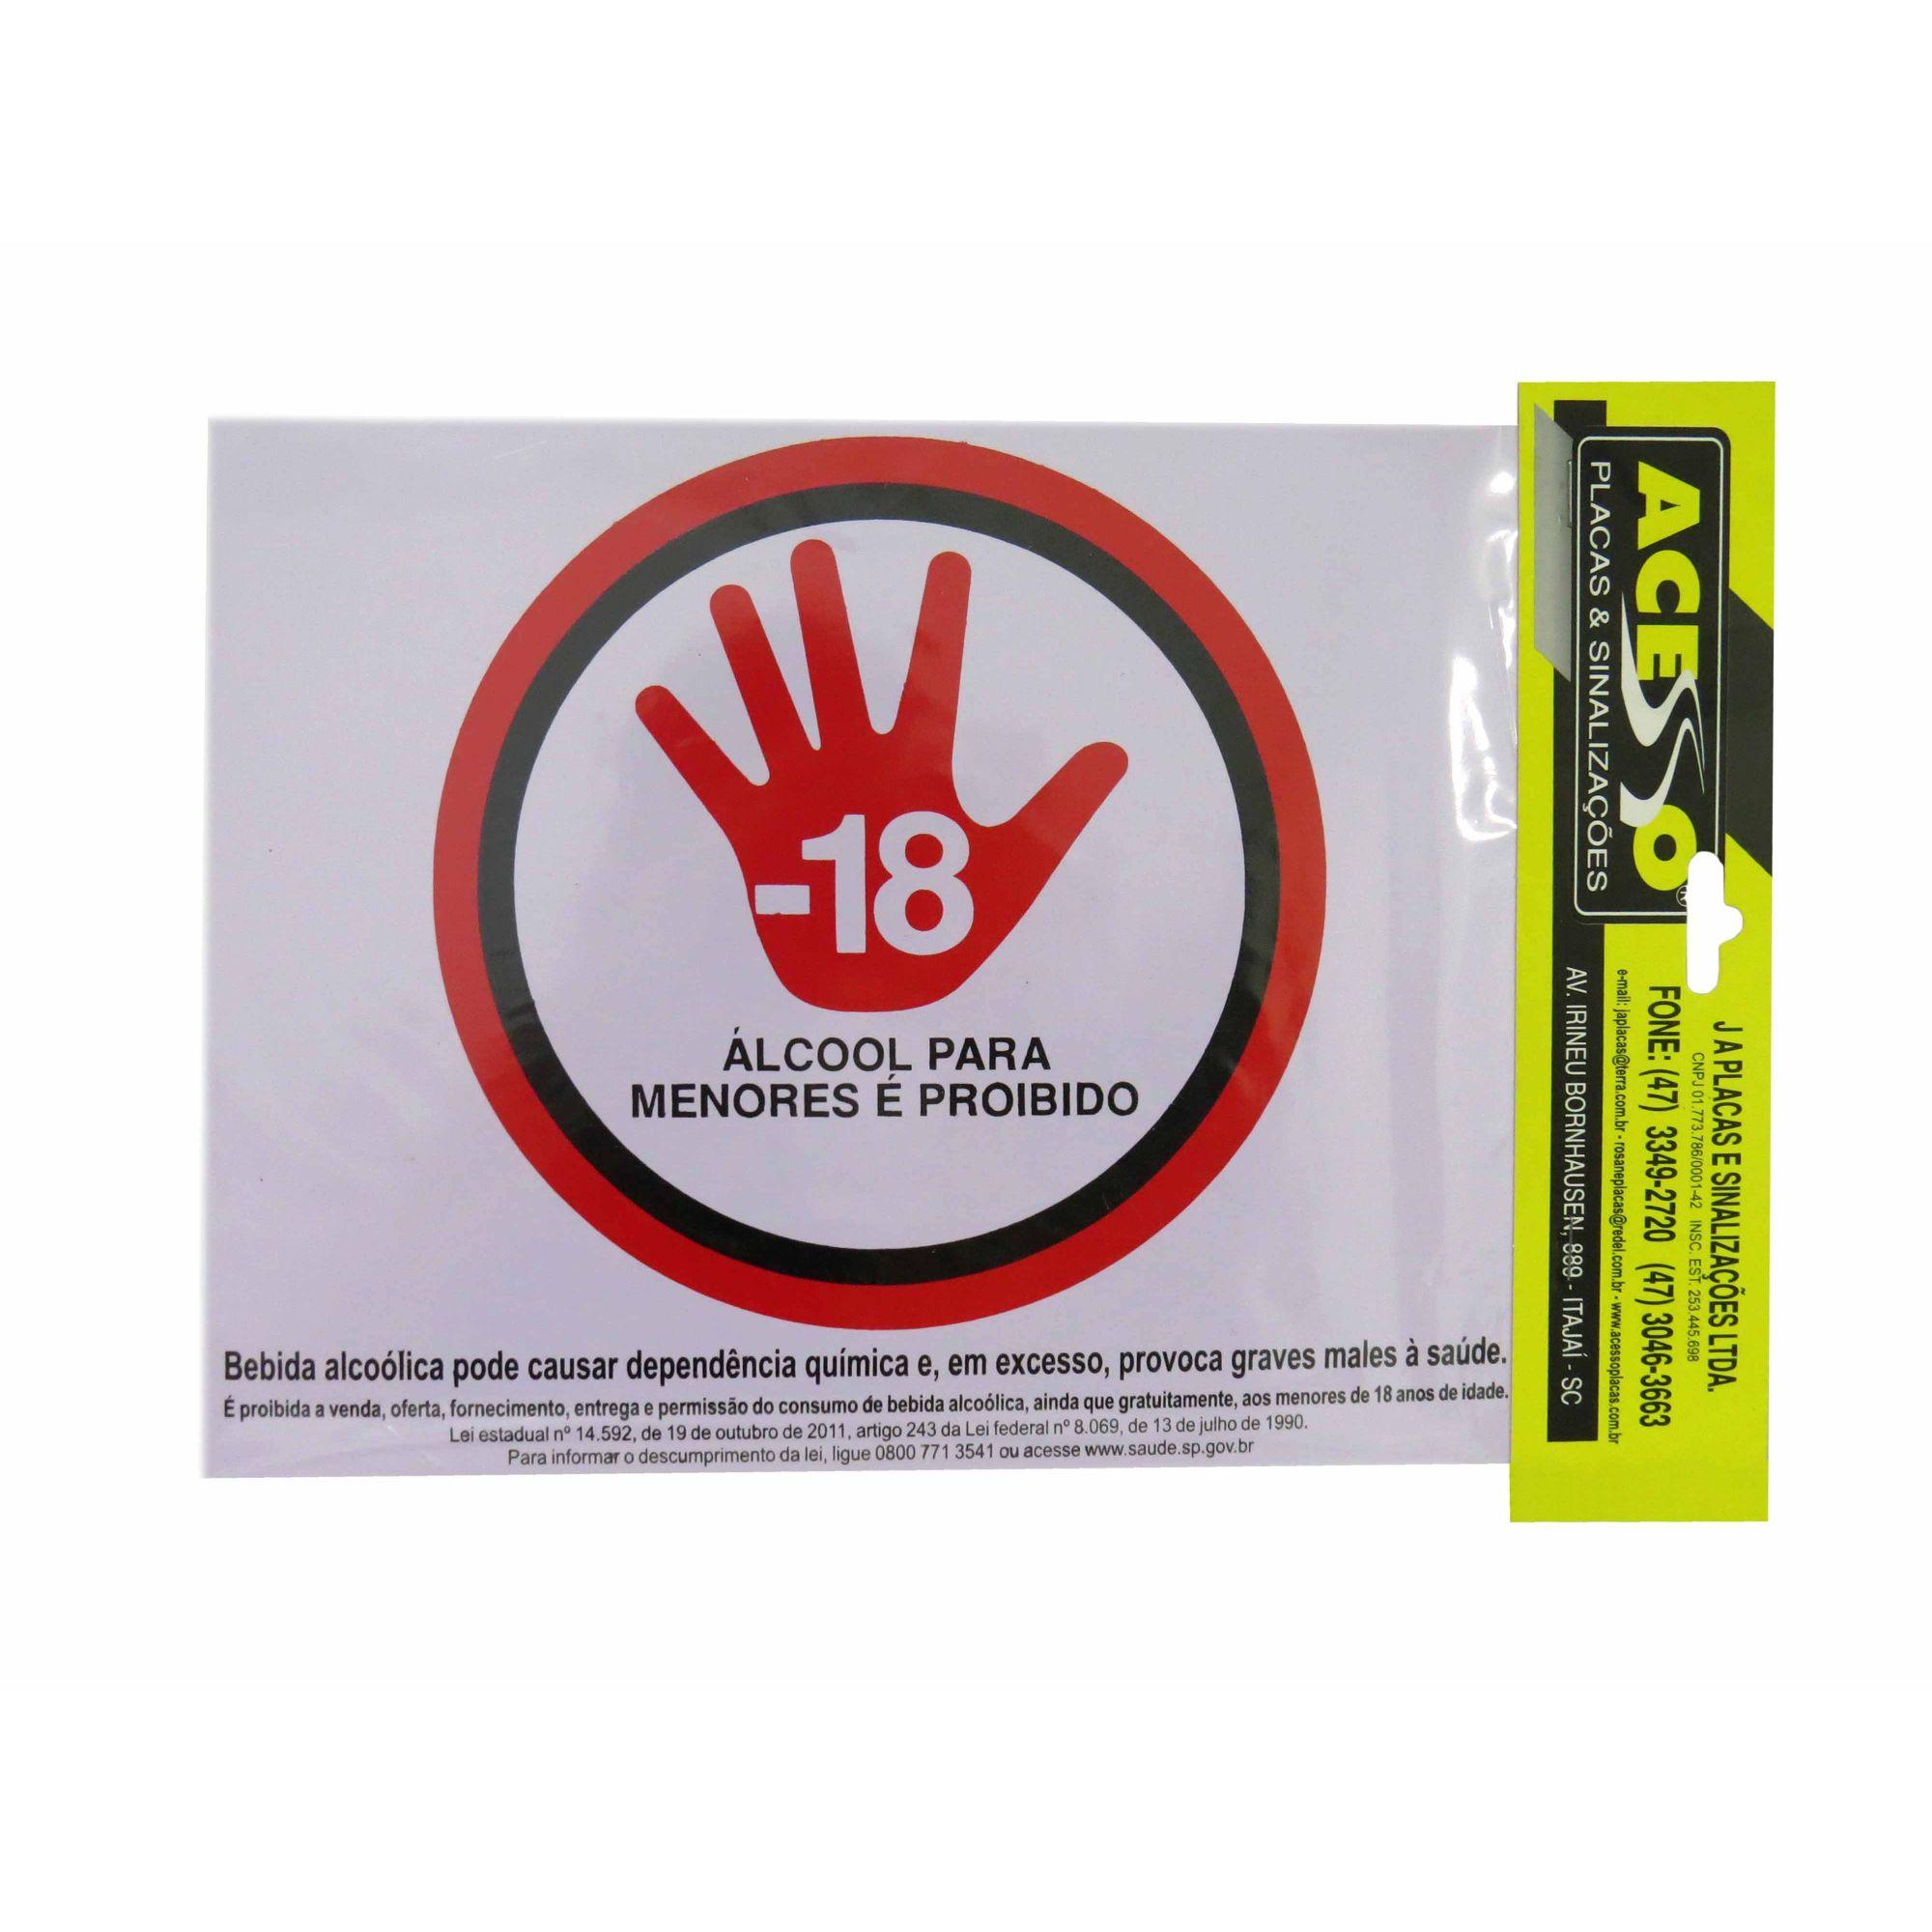 Placa Aviso -18 Alcool Para Menores é Proibido